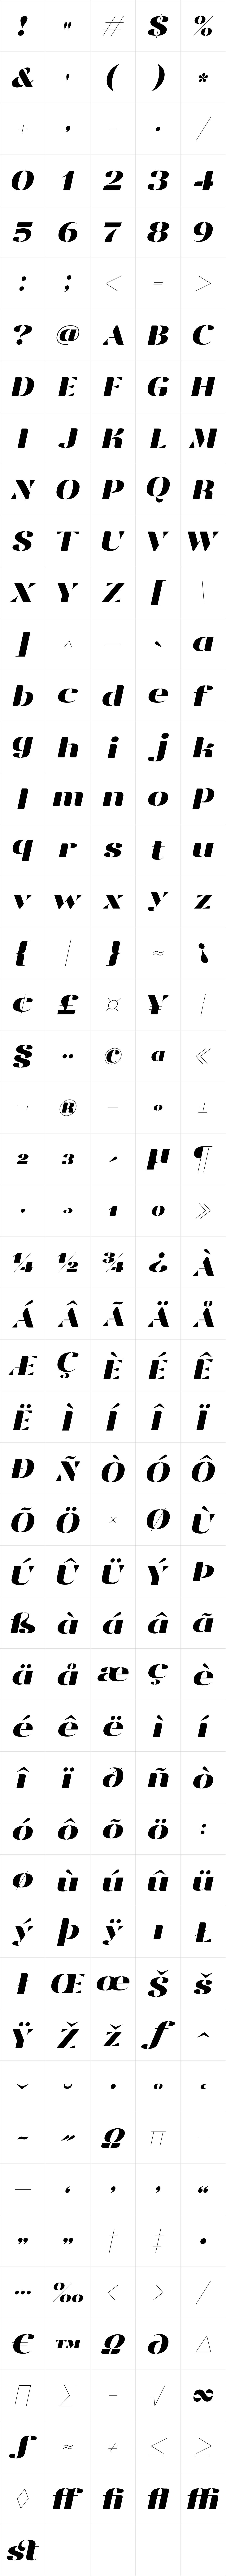 Vanage Bold Italic